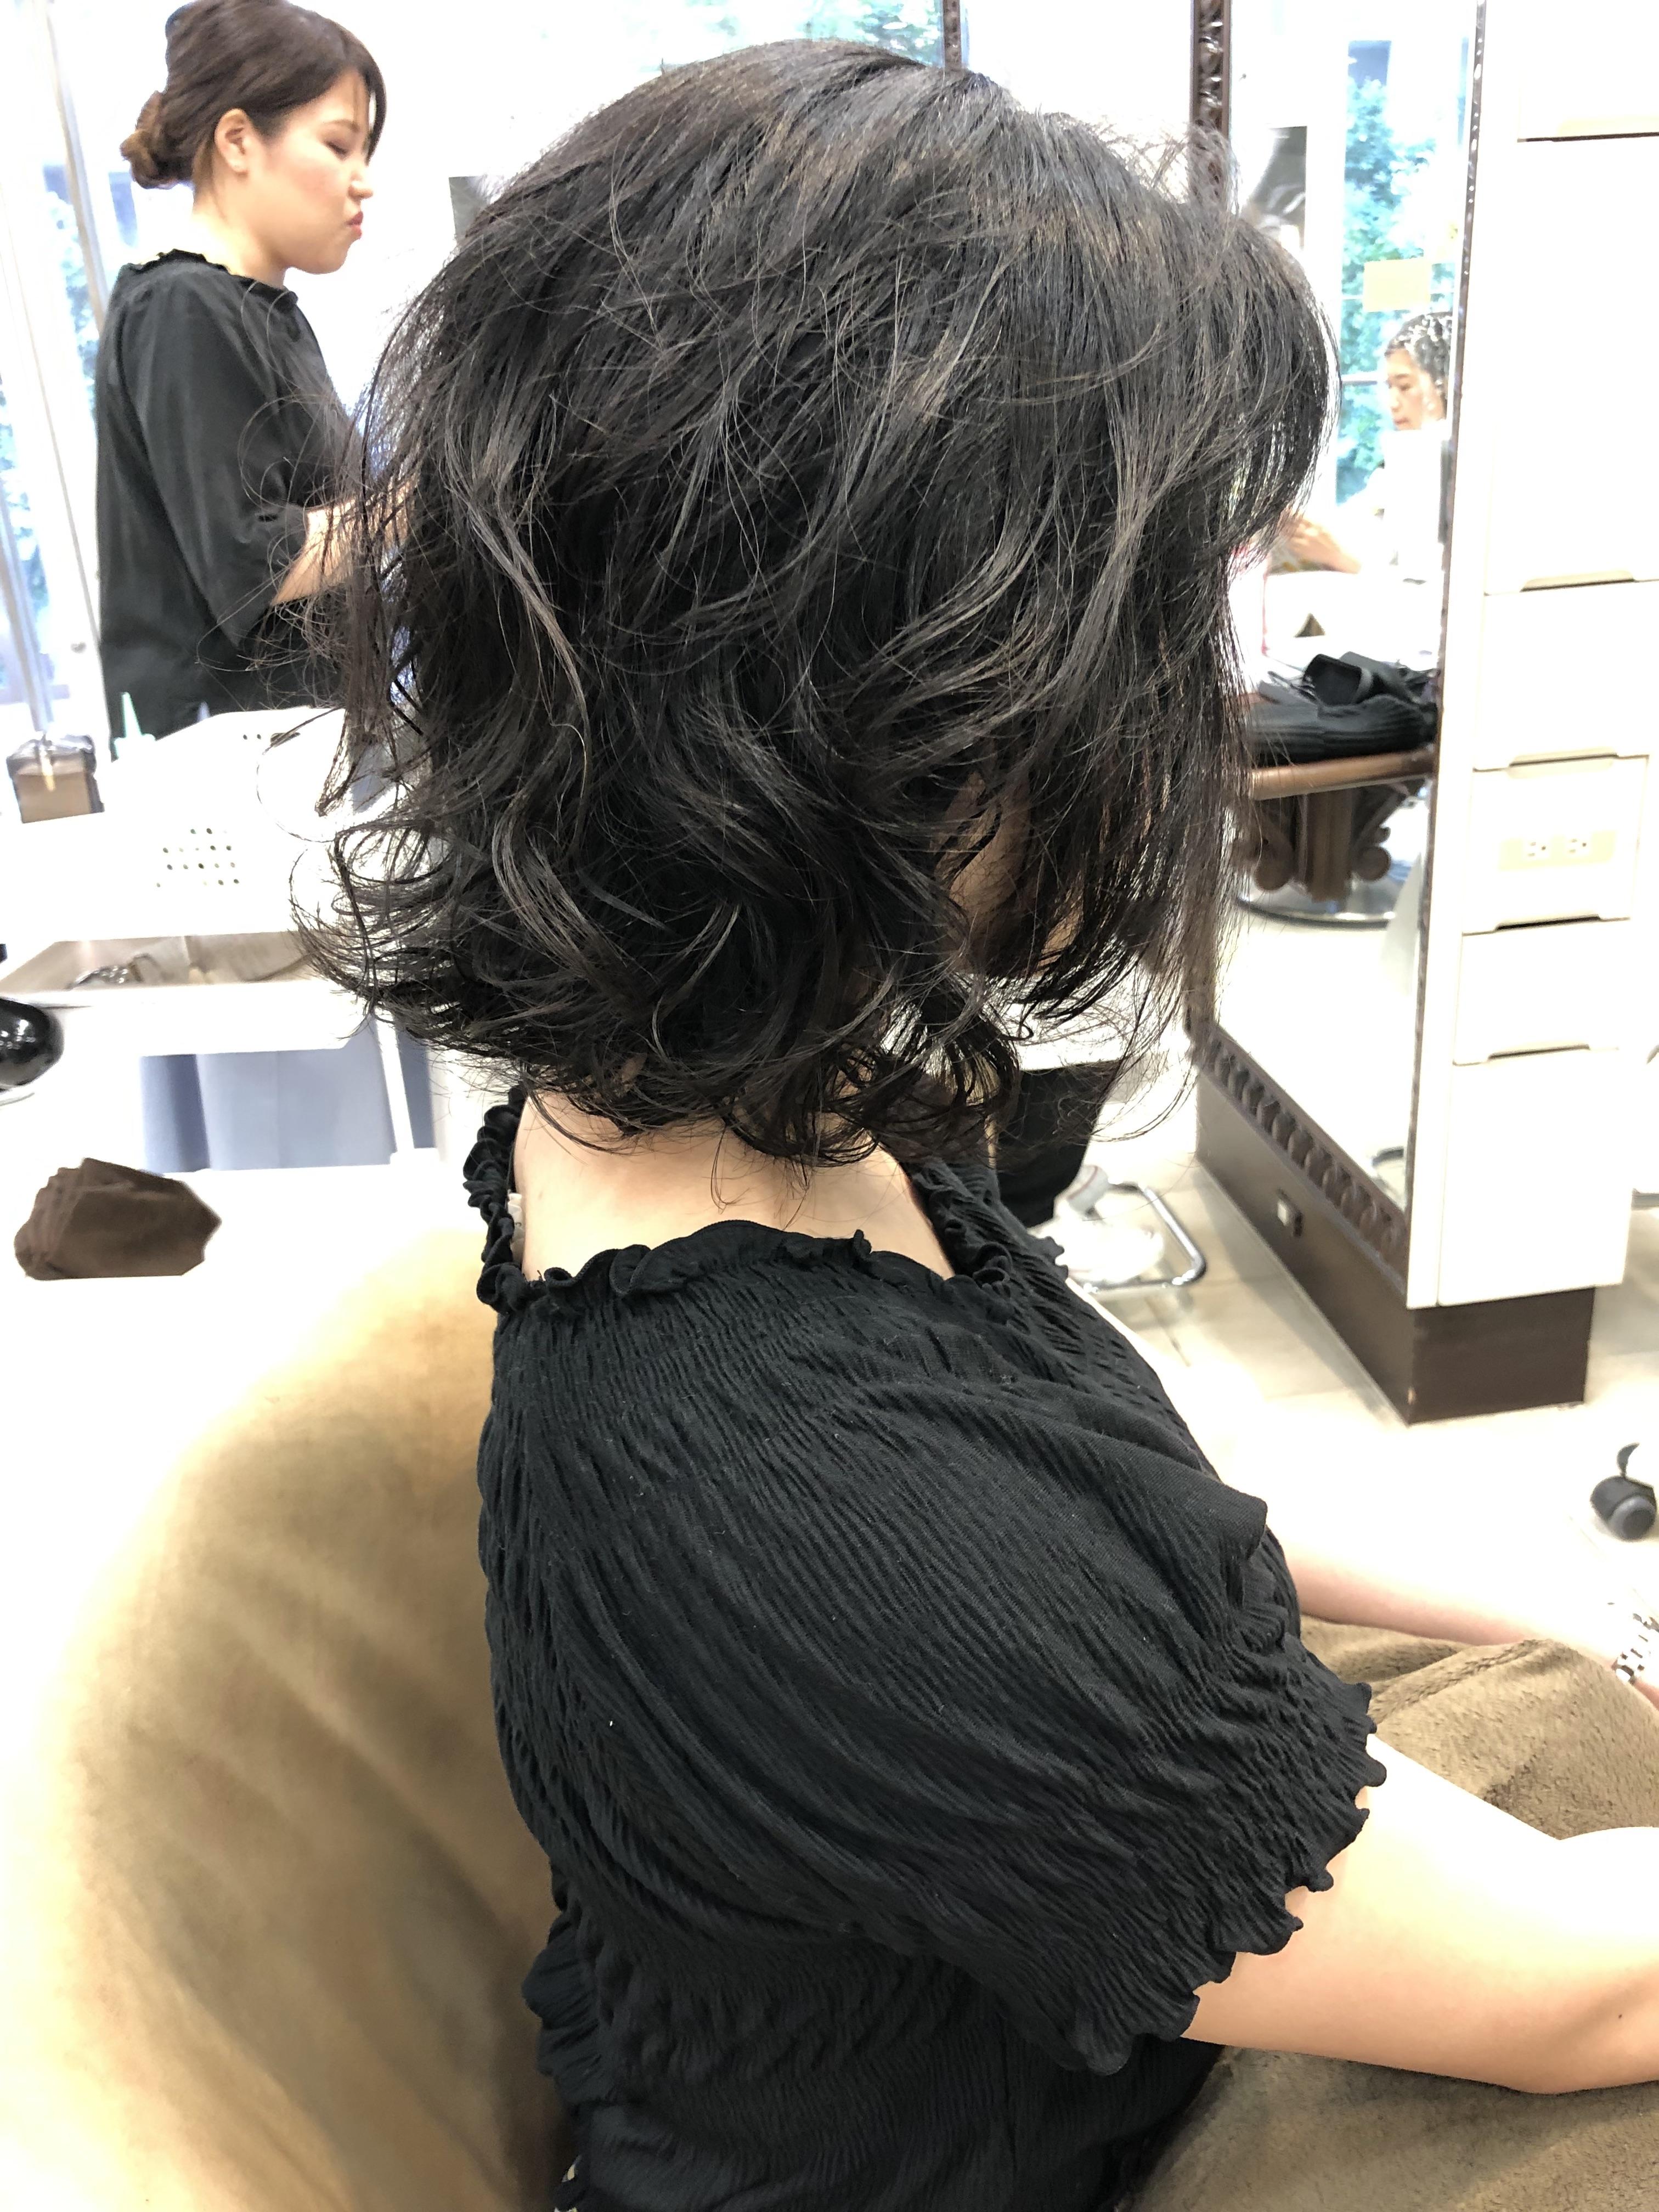 肩ではねる髪を可愛くパーマをかけて解決する方法